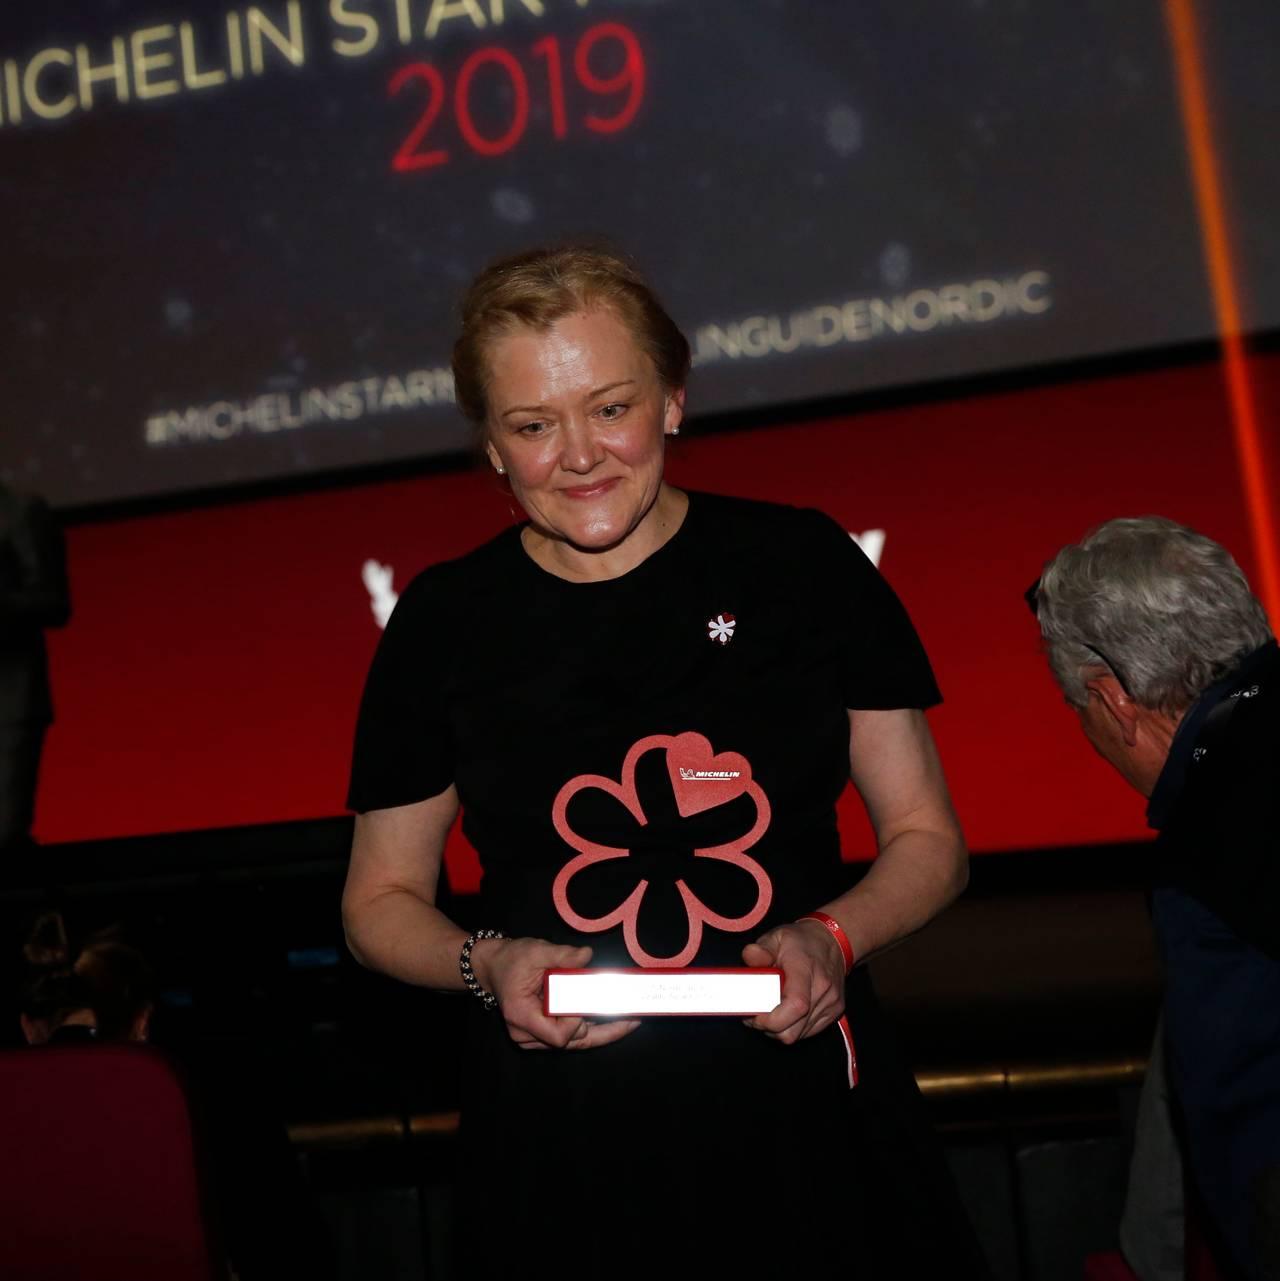 En smilende Heidi Bjerkan går av scenen i Århus under utdelingen av Michelin-stjerner